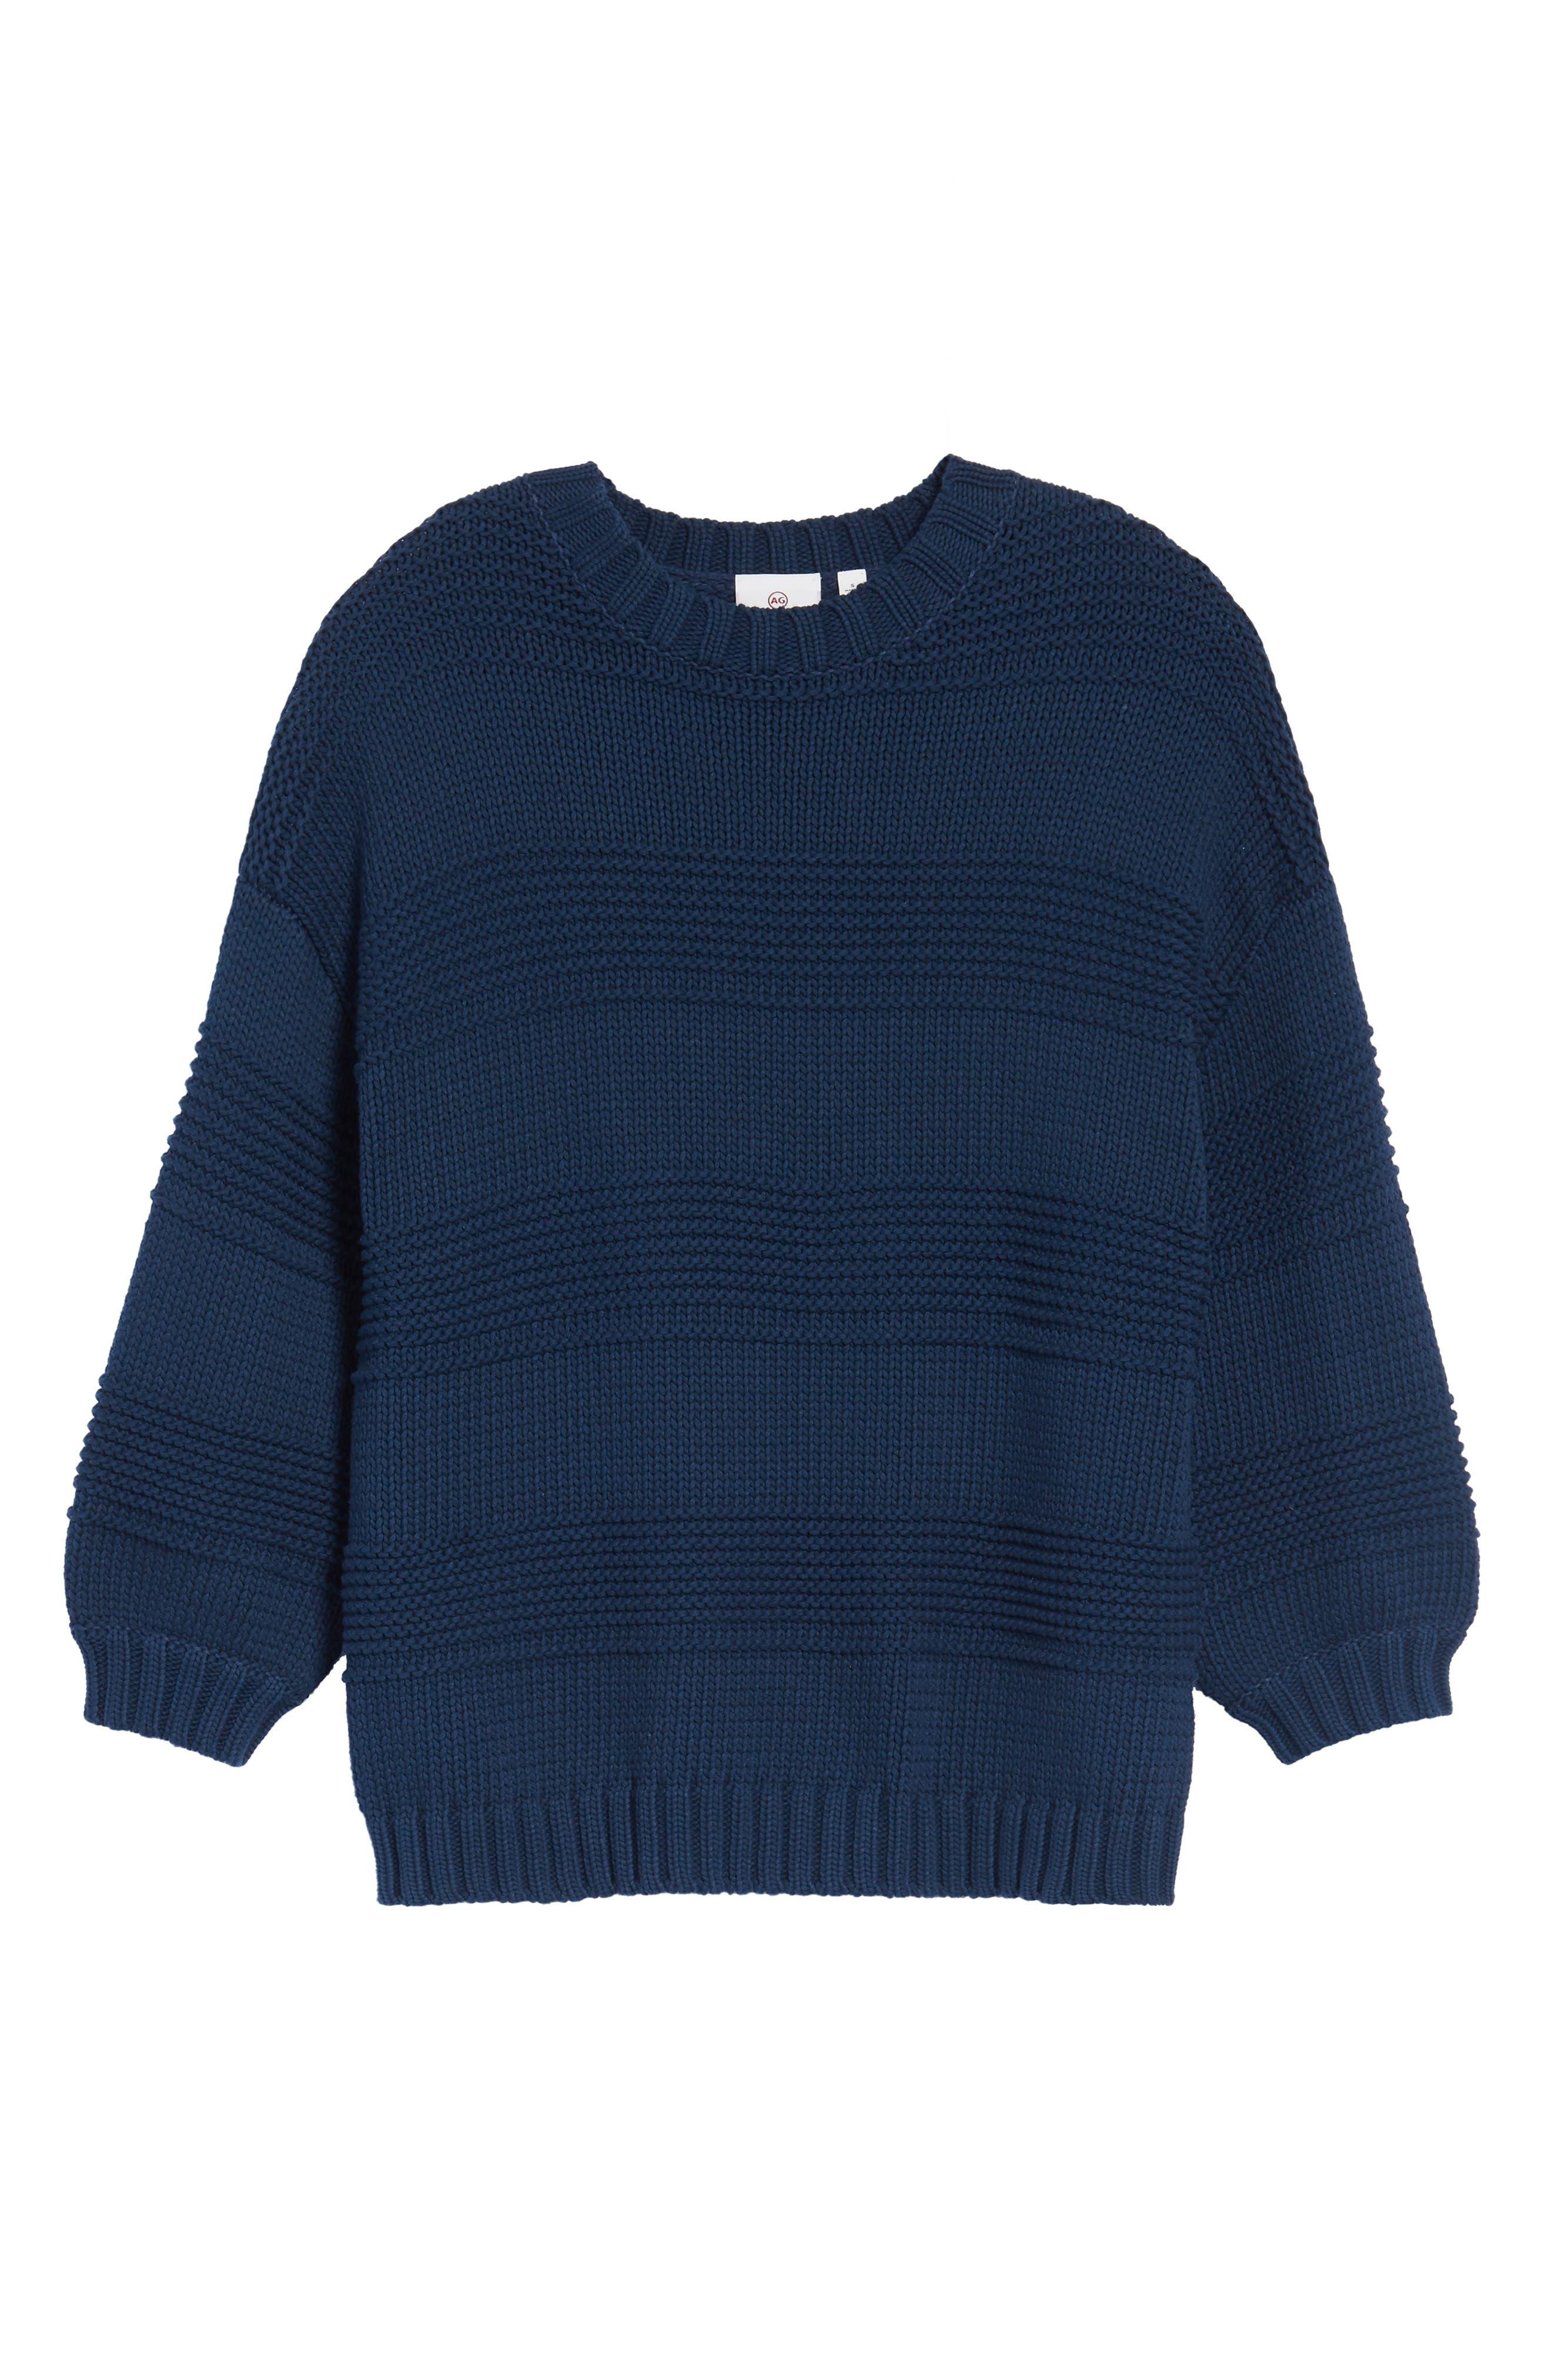 Sabrina Crewneck Sweater,                             Alternate thumbnail 6, color,                             417